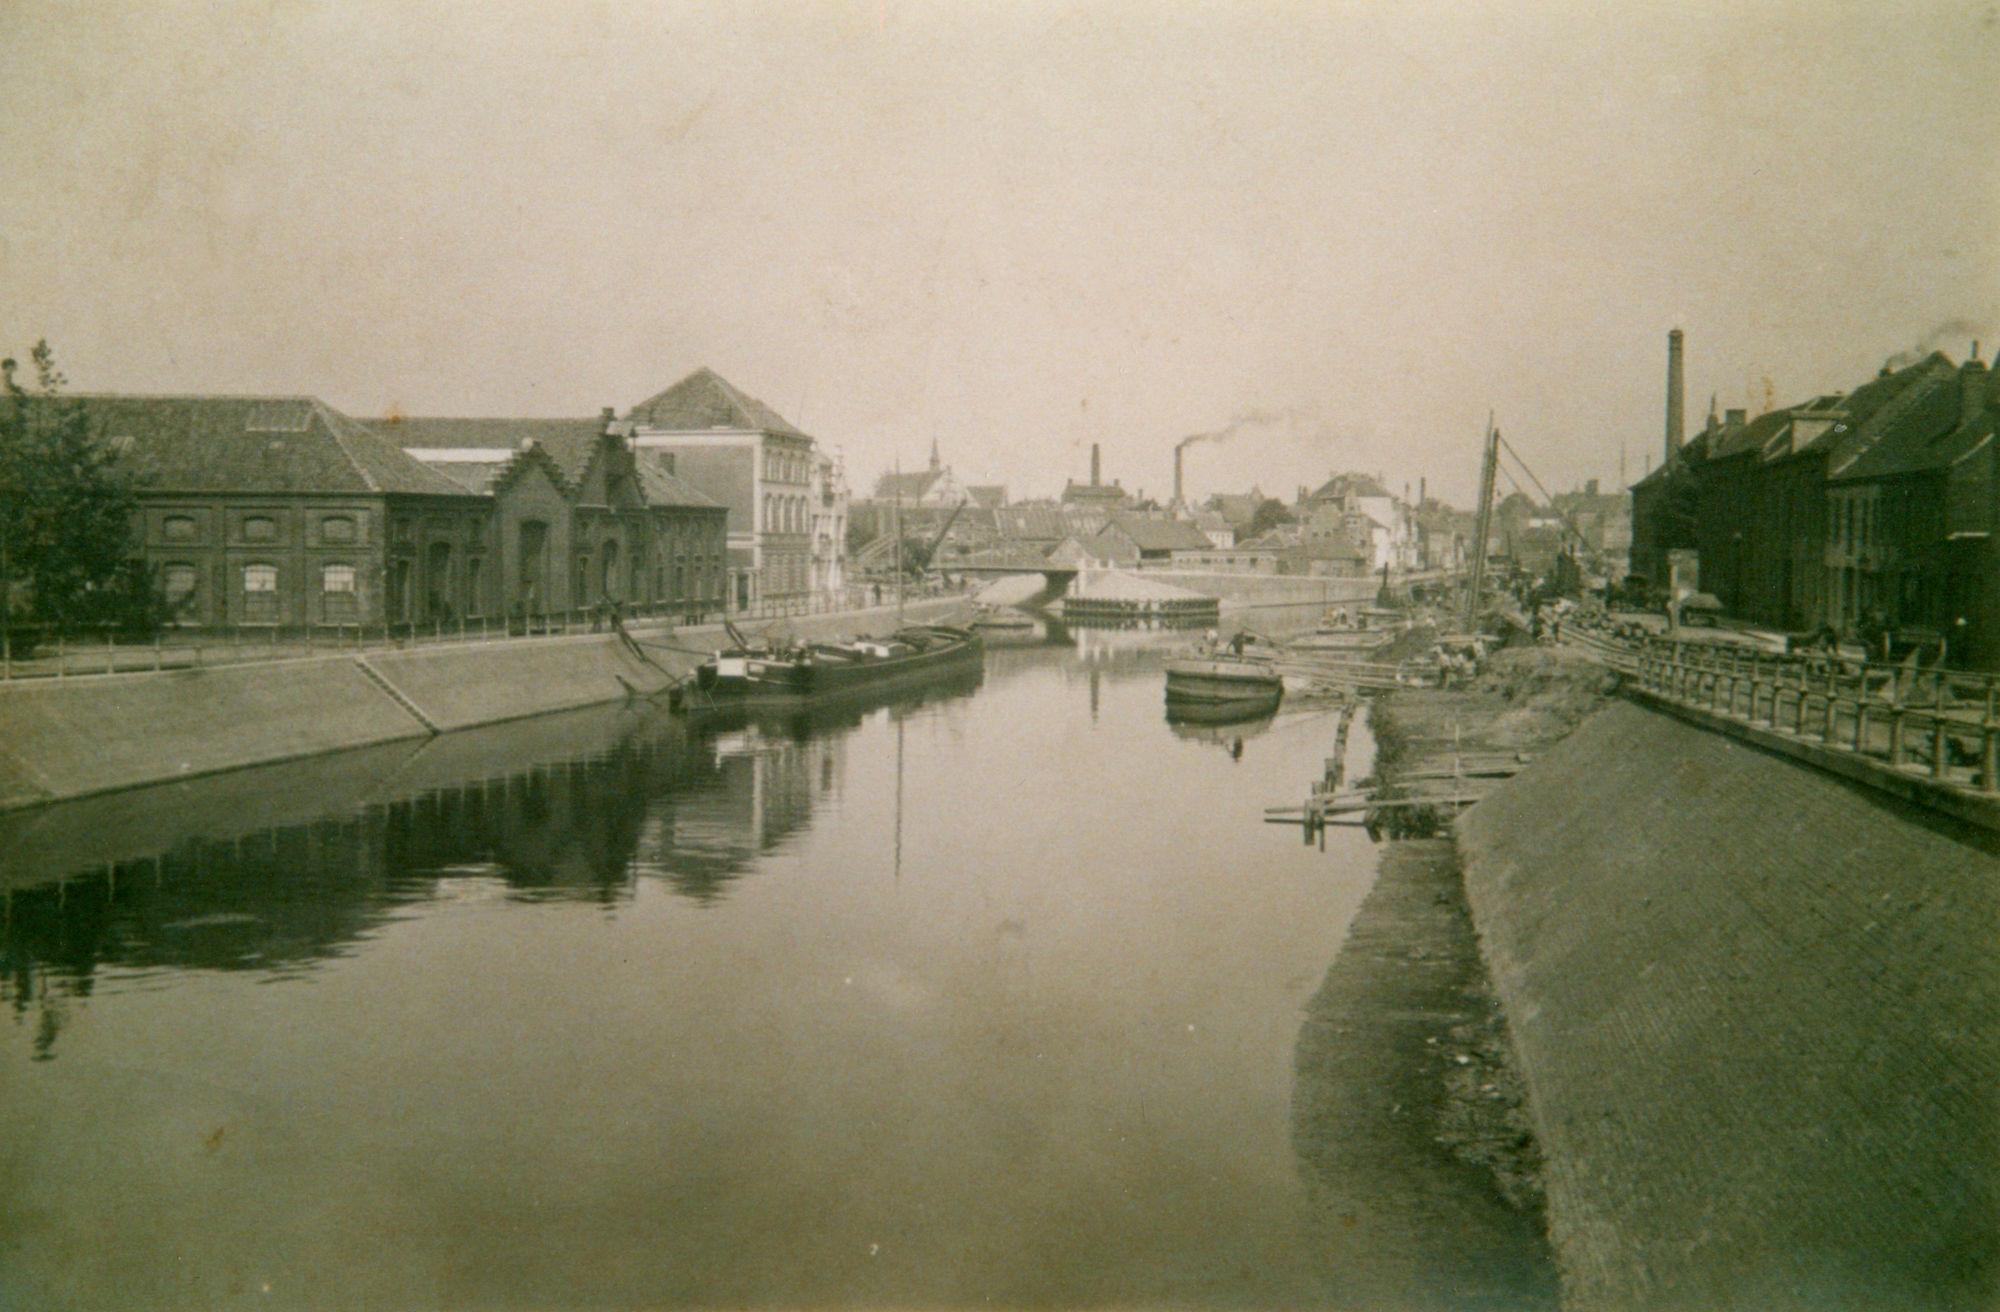 Leiewerken 1912-1913